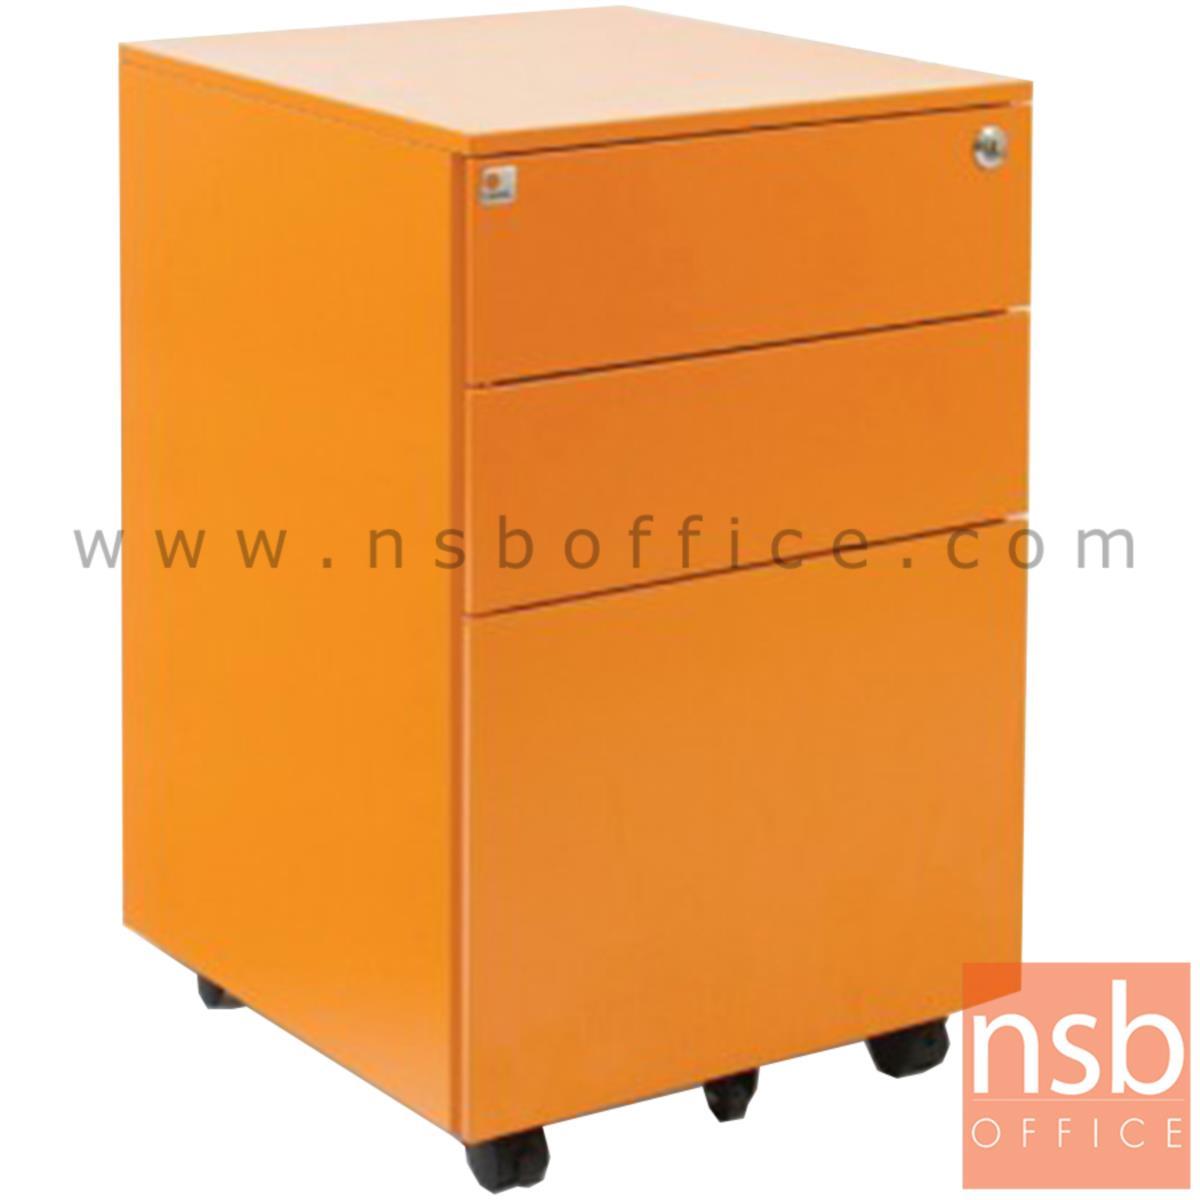 ตู้เหล็ก 3 ลิ้นชักล้อเลื่อนสีสัน สูง 60 cm.  รุ่น PD63  มีระบบป้องกันการล้มในตัว